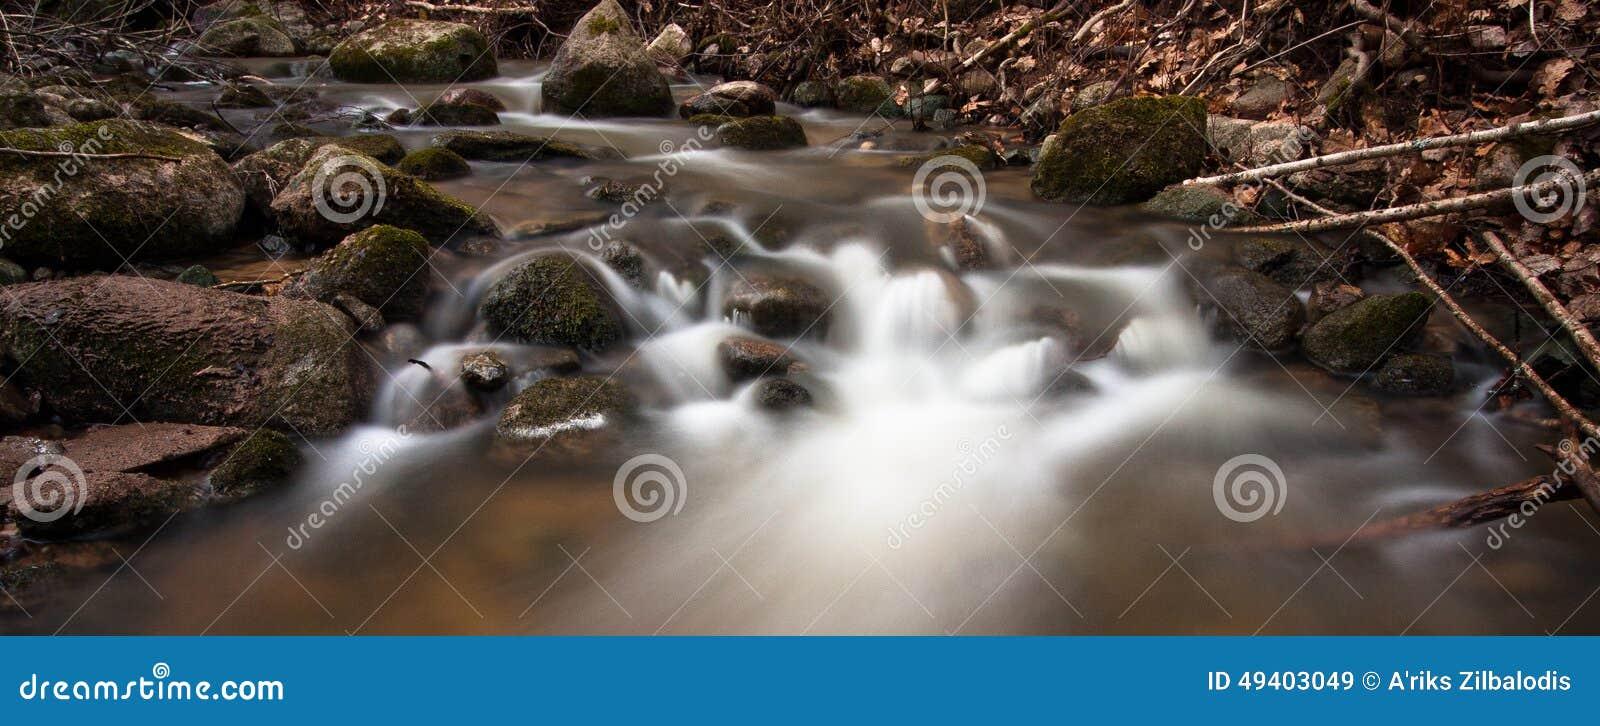 Download Souce-Strom stockbild. Bild von bereich, horizontal, fallen - 49403049